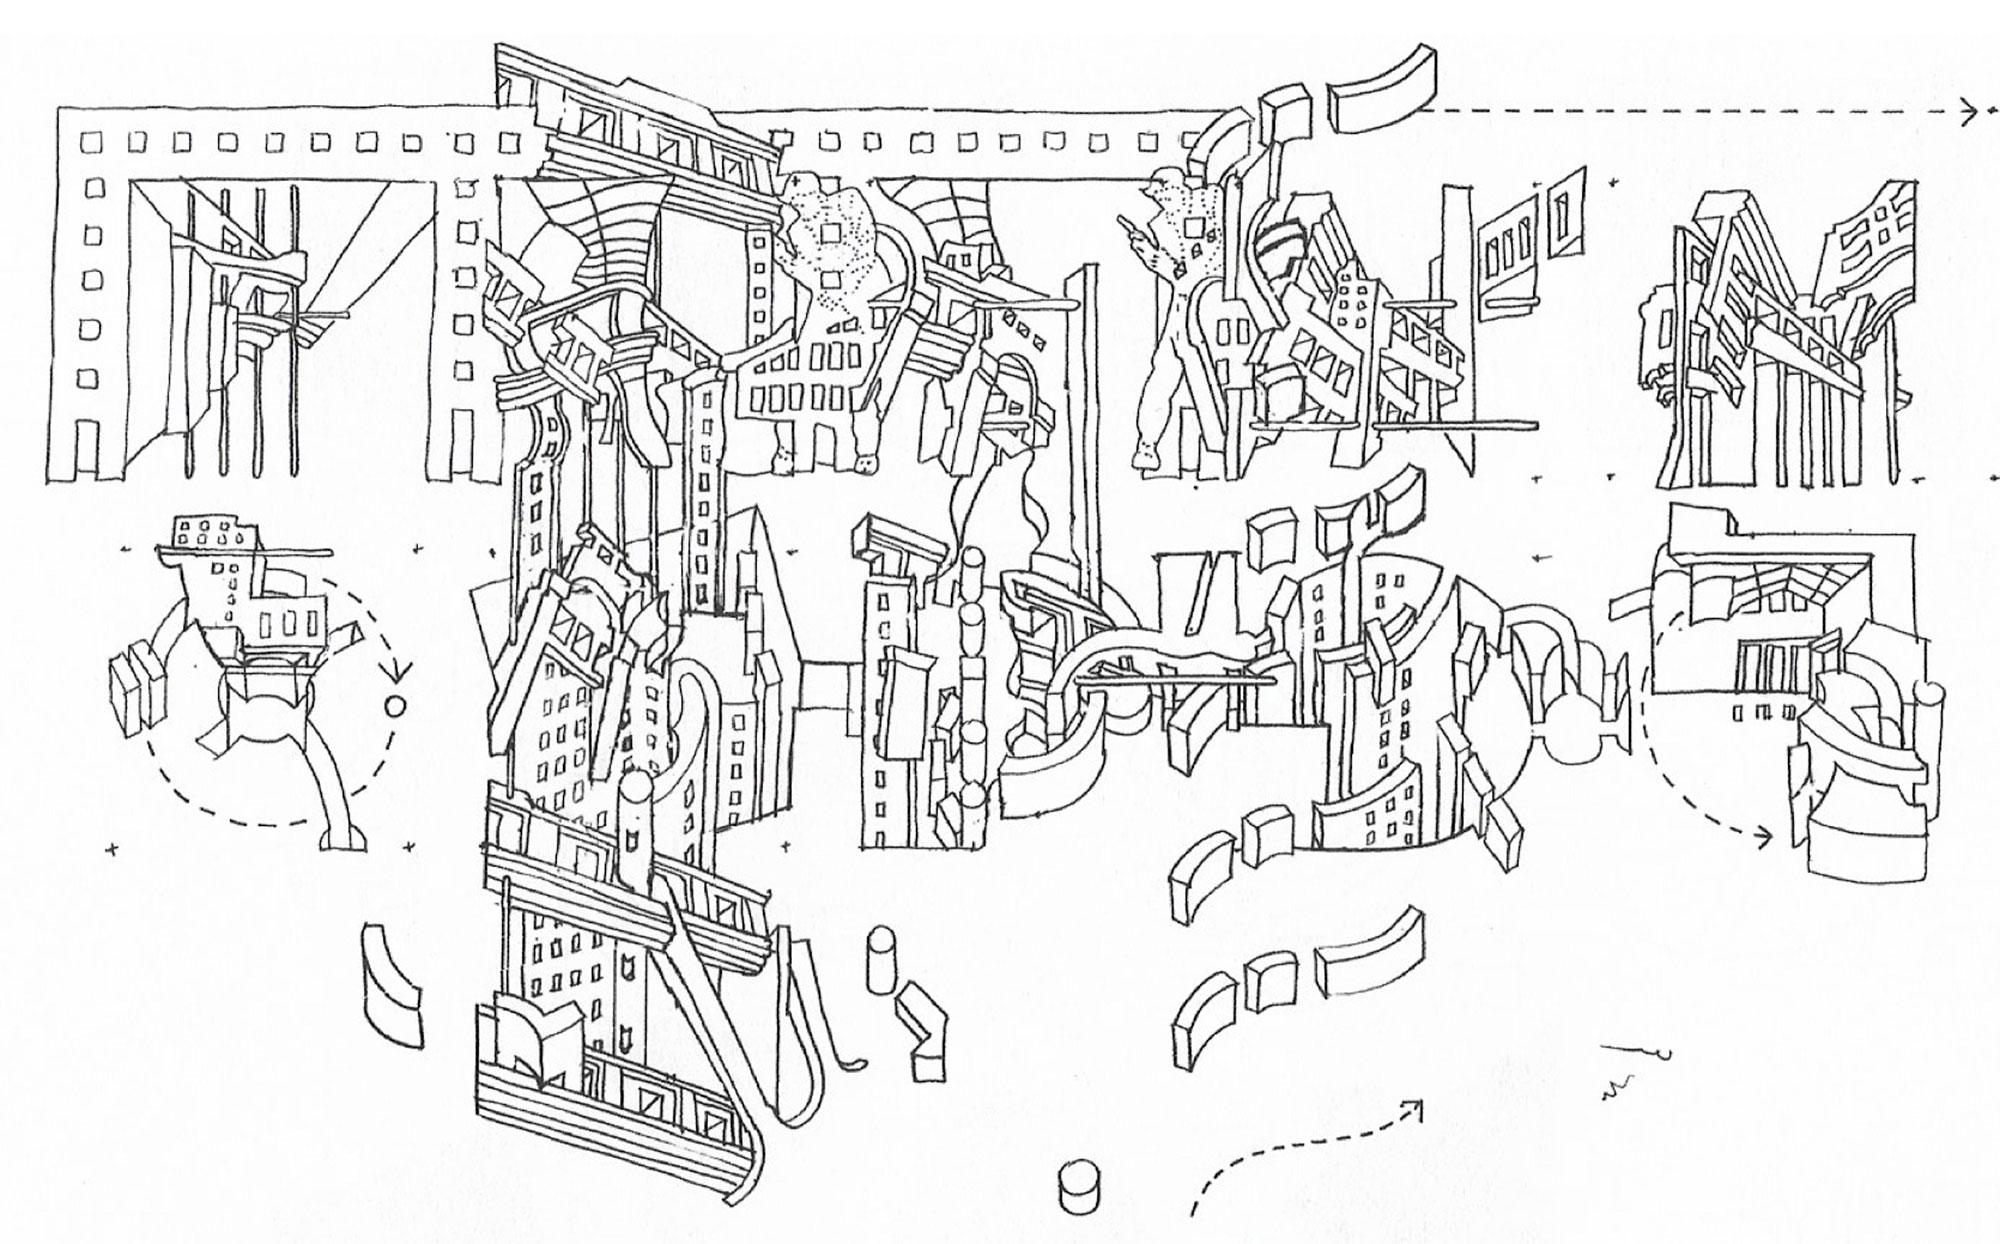 Το αρχιτεκτονικό σχέδιο ως μηχανισμός διερεύνησης των επιστημολογικών μεταλλαγών της αρχιτεκτονικής